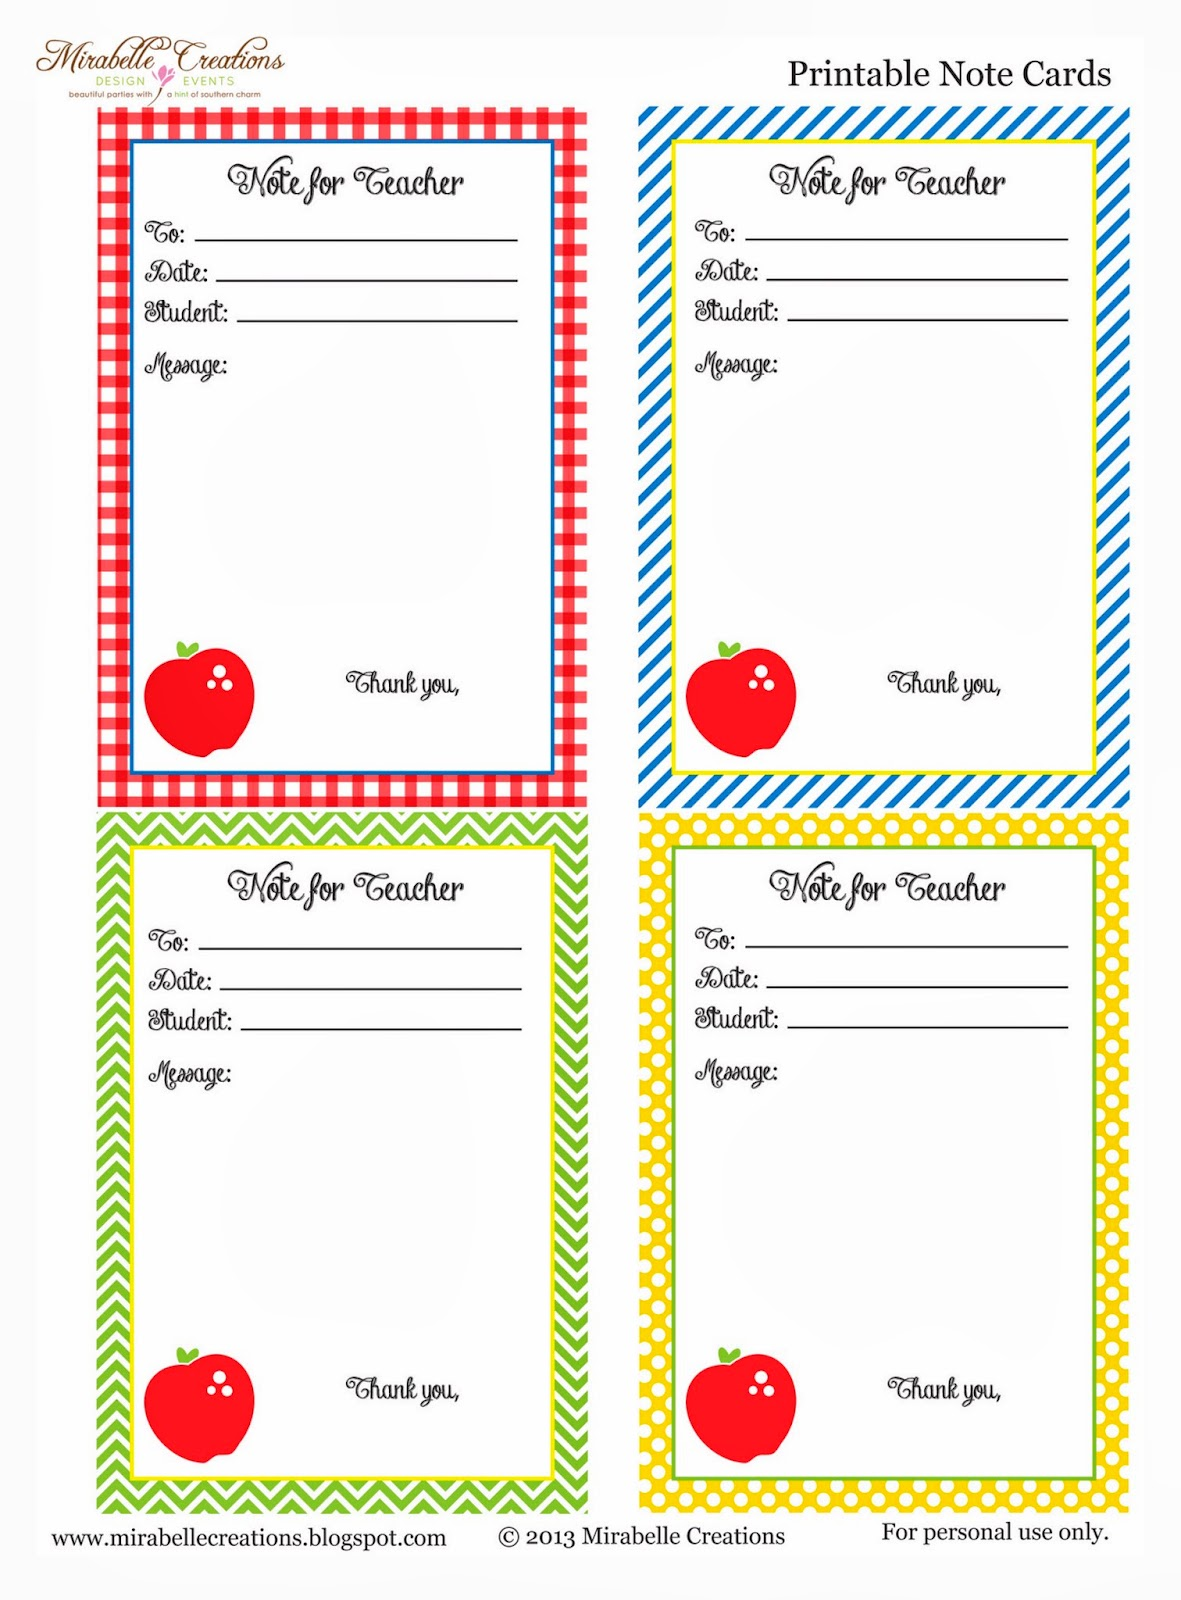 Worksheet Printable School Paper Wosenly Free Worksheet – Free Lined Printable Paper